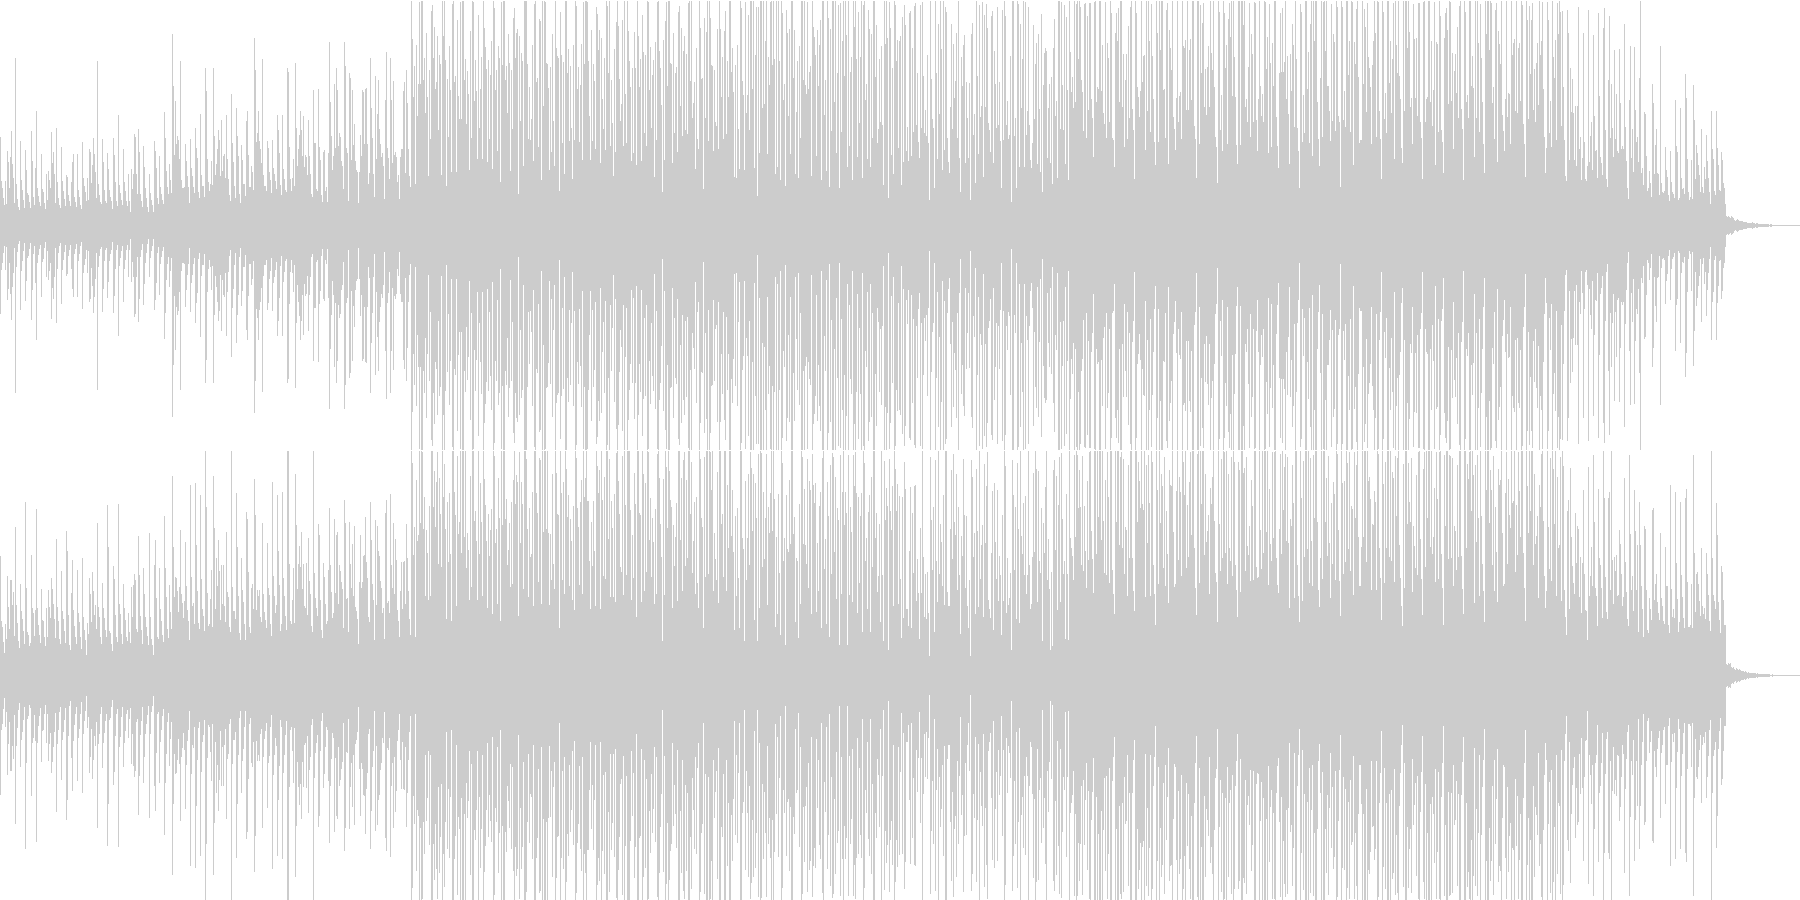 民族音楽的なエスニックダンスPerc楽曲の未再生の波形